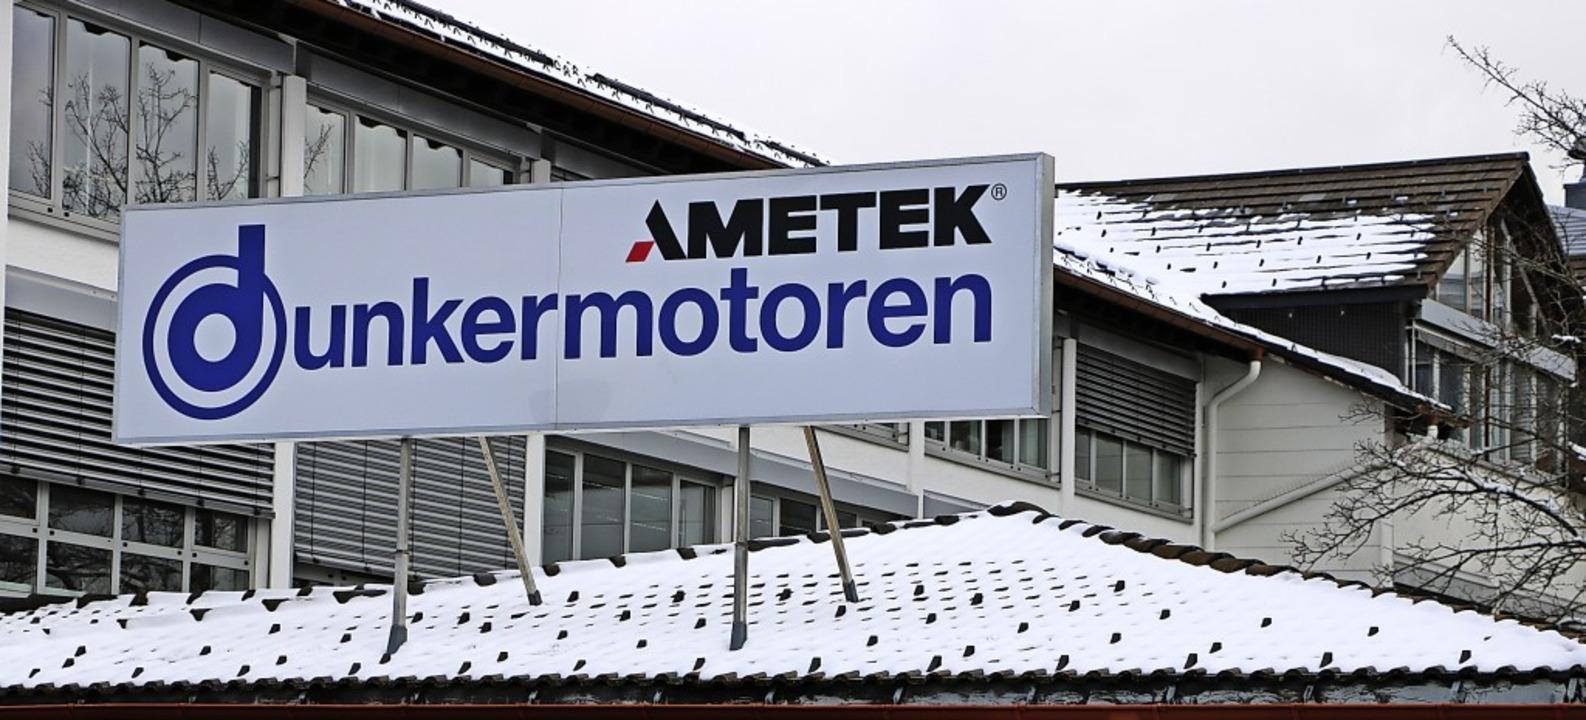 Die weltwirtschaftlichen Verwerfungen ...der Dunkermotoren GmbH nicht vorüber.   | Foto: Martha Weishaar